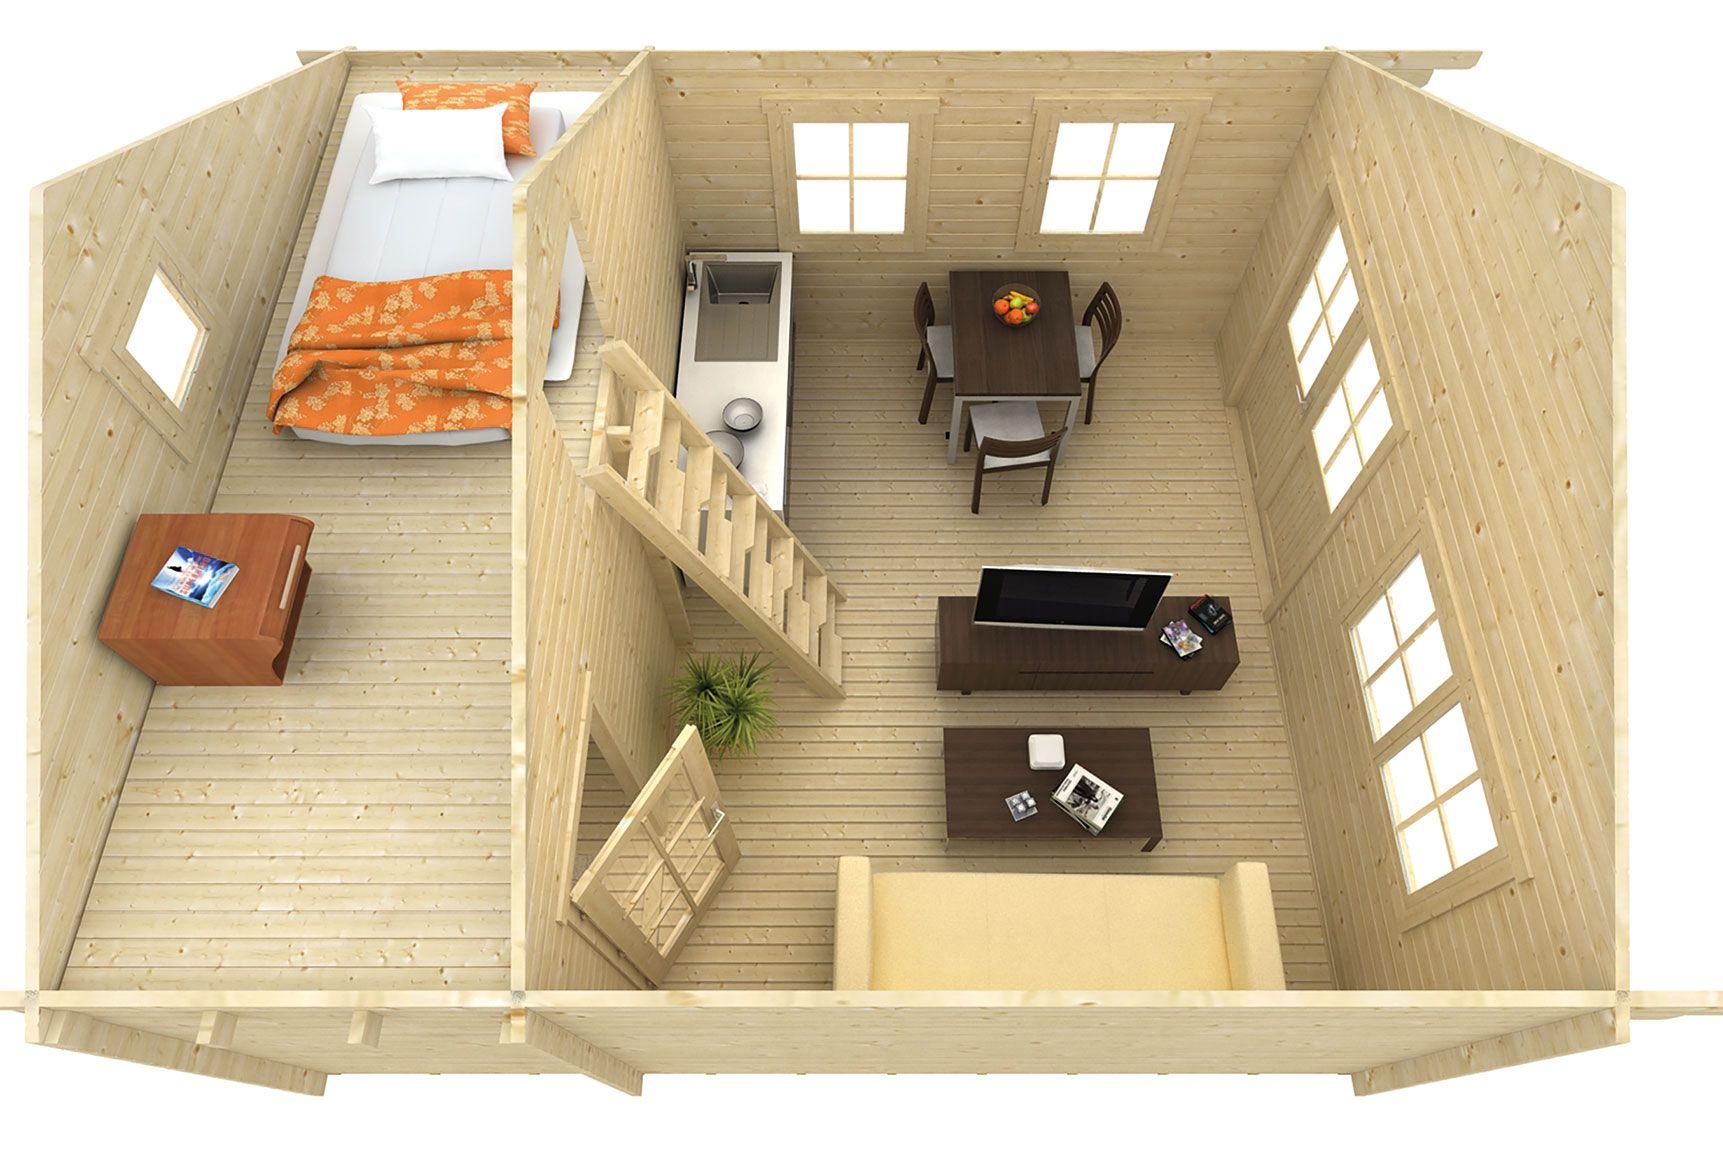 Blokhut Berlijn 490 x 530 cm tuindeco prefab chalet huis hout